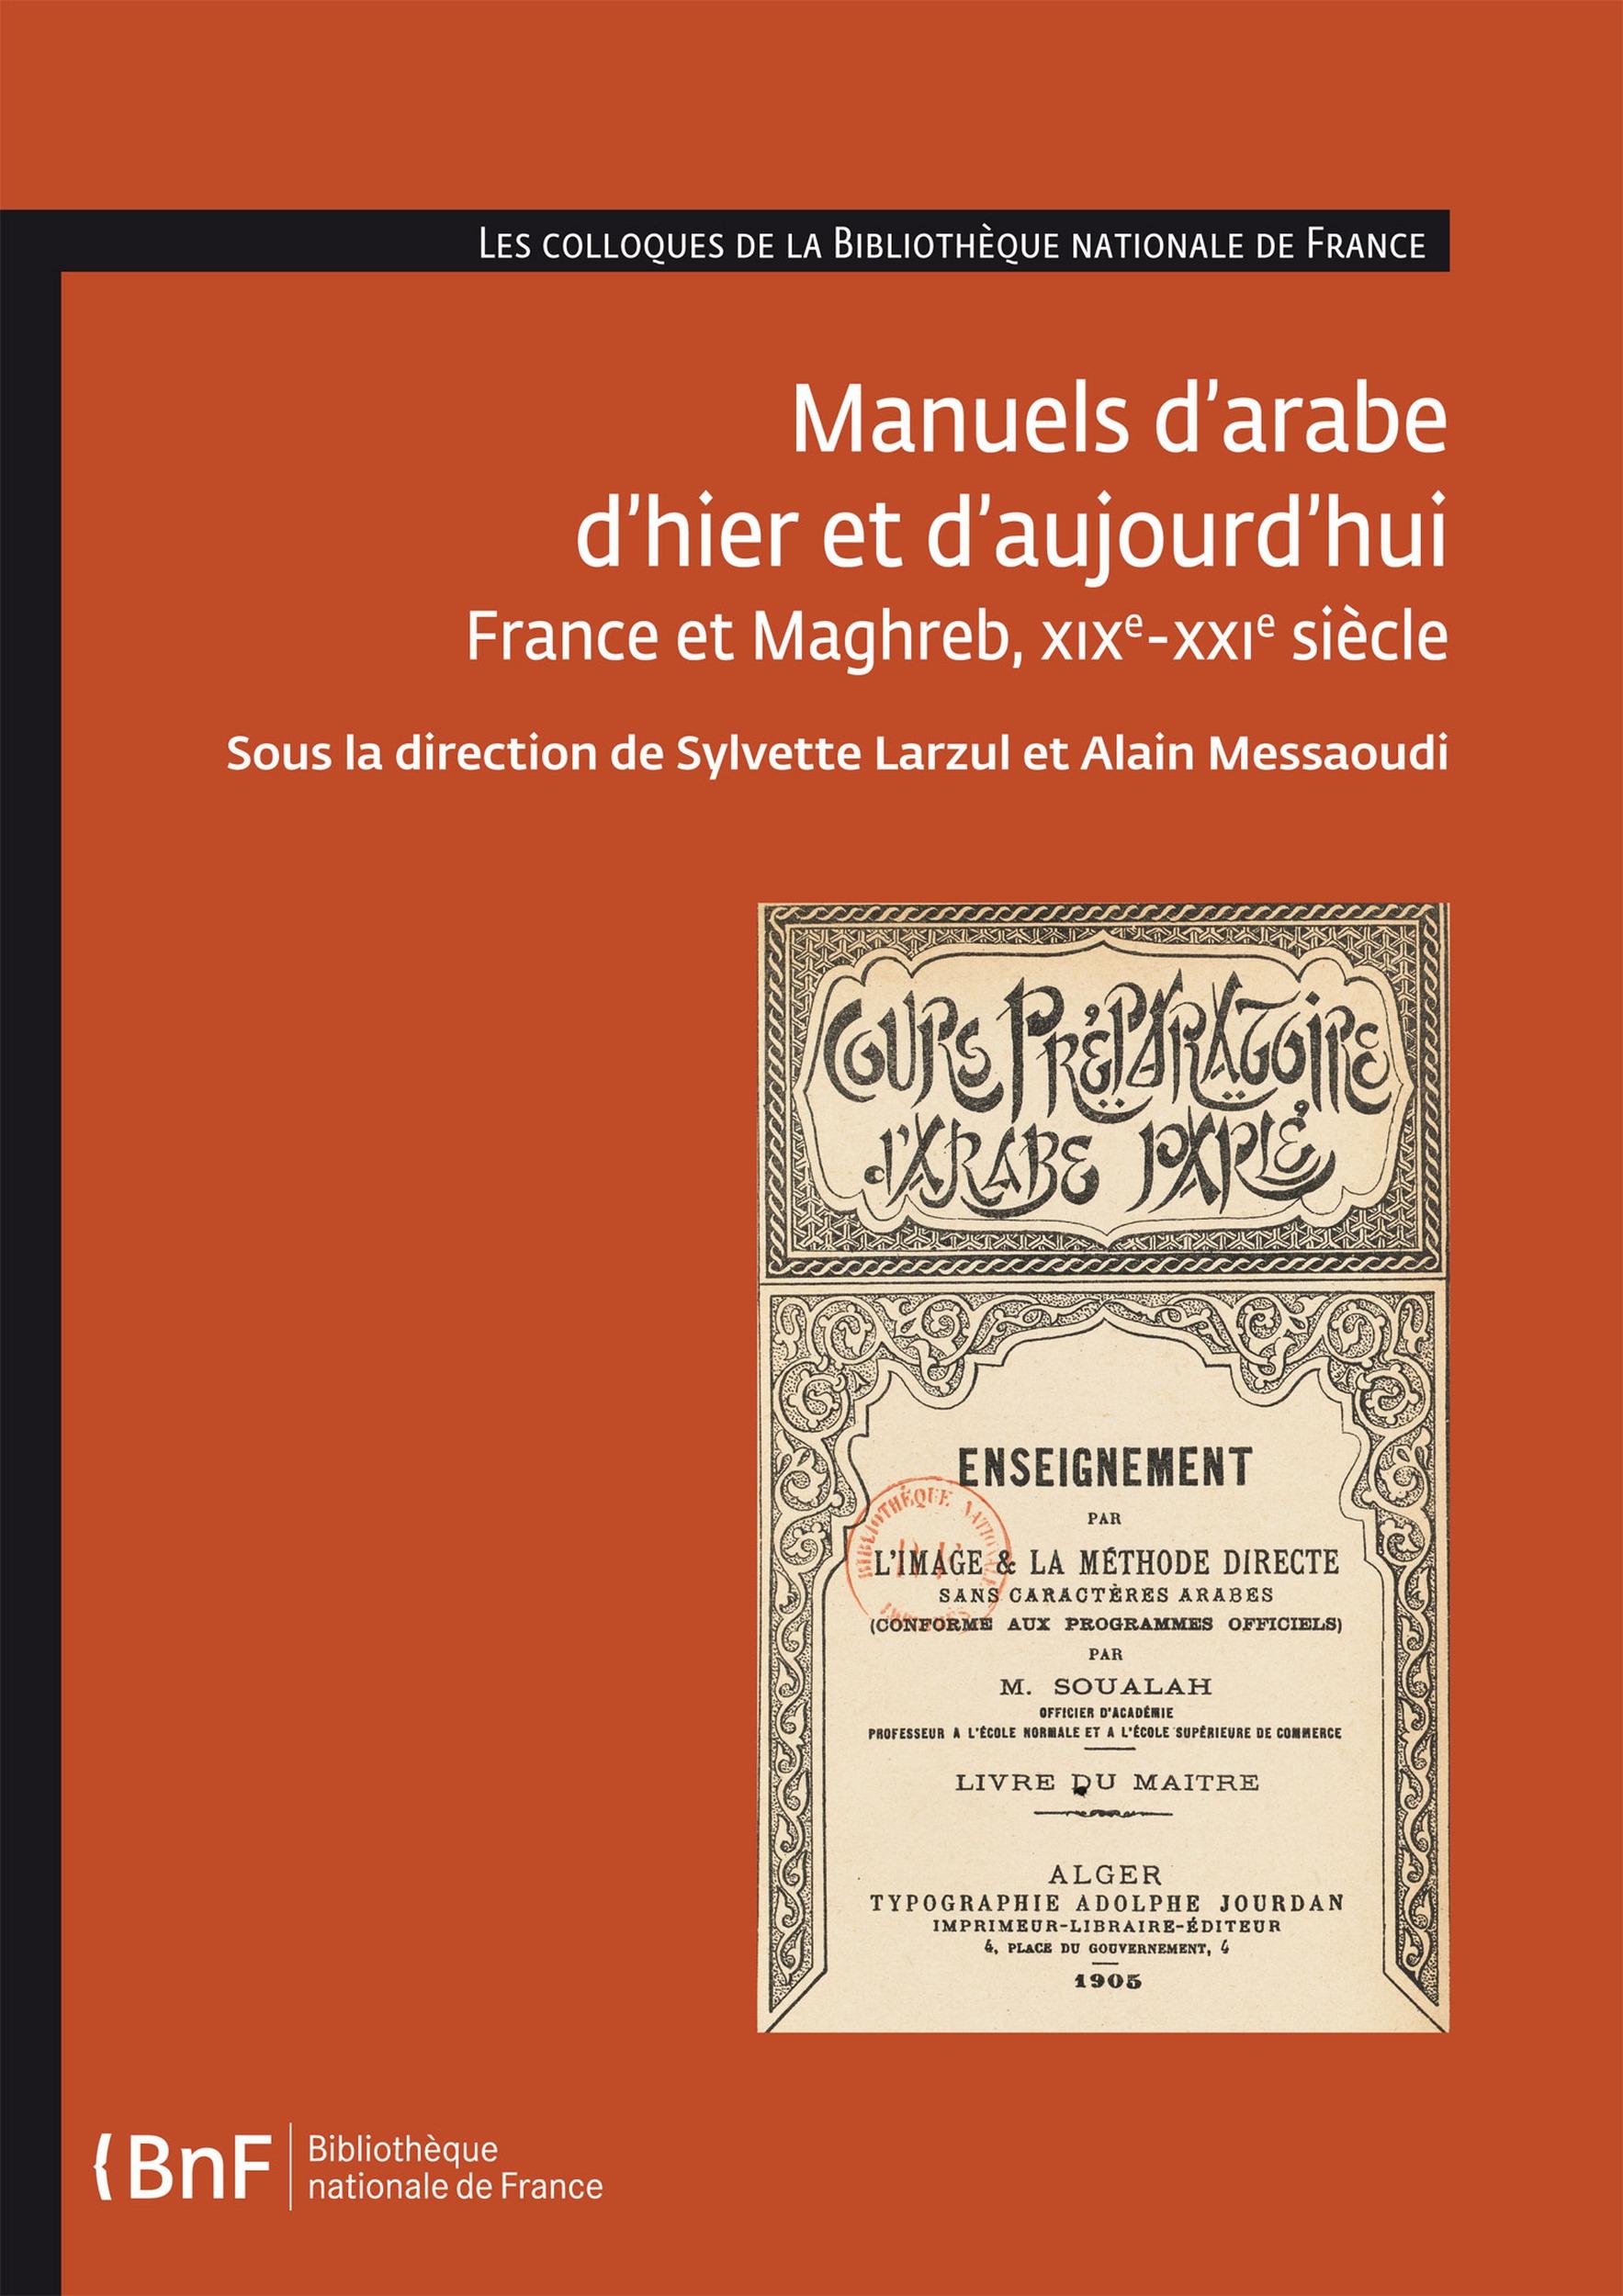 Manuels d'arabe d'hier et d'aujourd'hui, FRANCE ET MAGHREB, XIXE-XXIE SIÈCLE